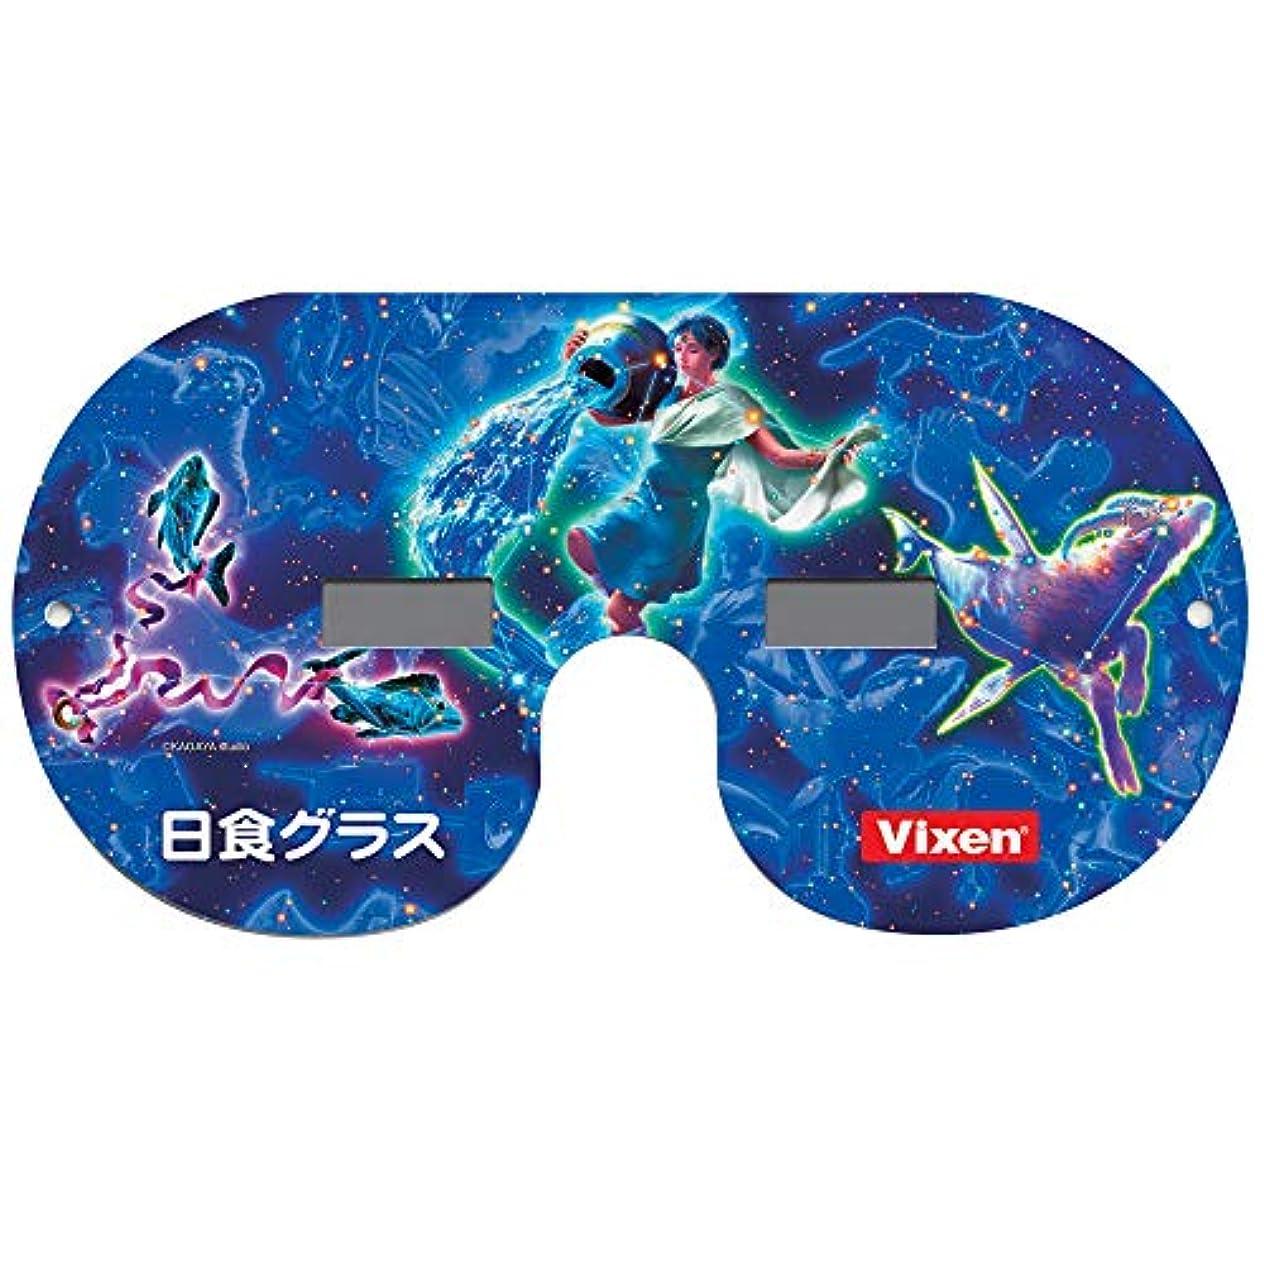 寄付する活性化アッパービクセン 日食グラス KAGAYAデザイン(12星座 秋)